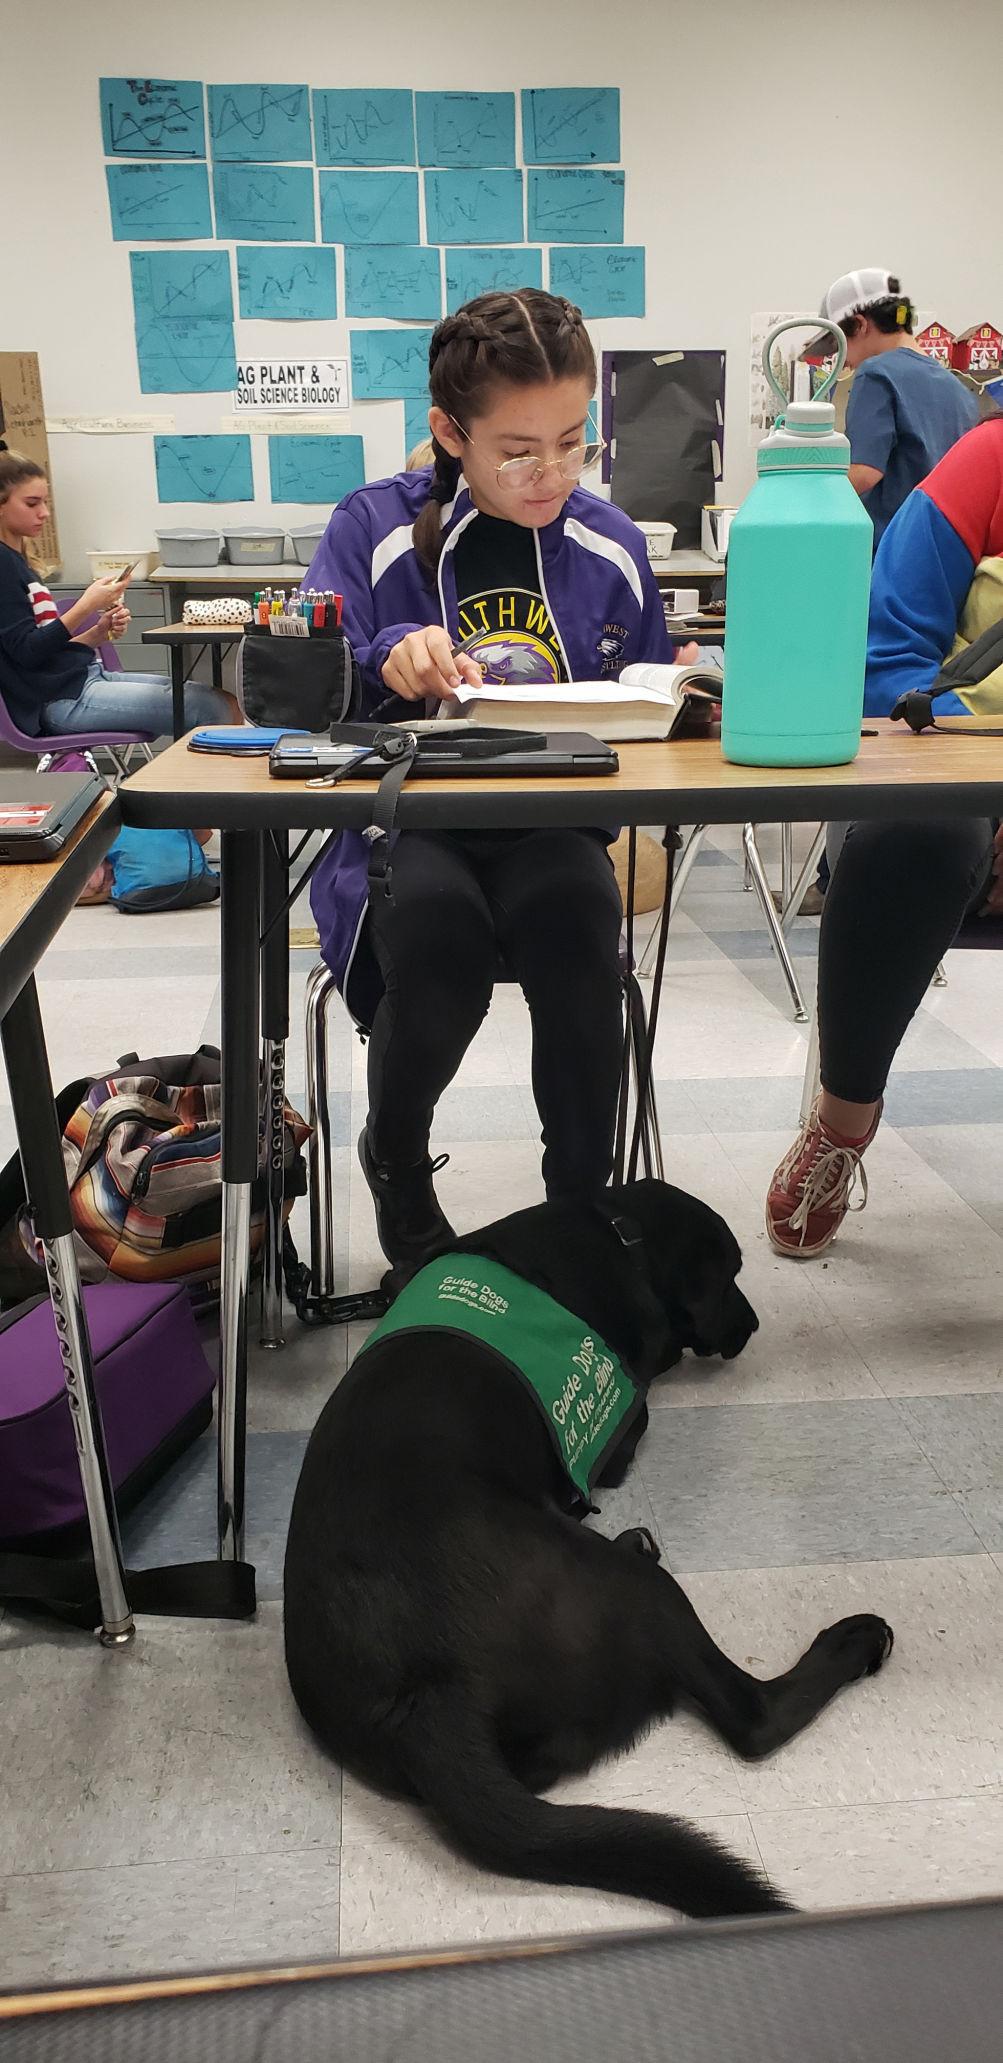 Puppy-raising program at SHS inspires handler and friends